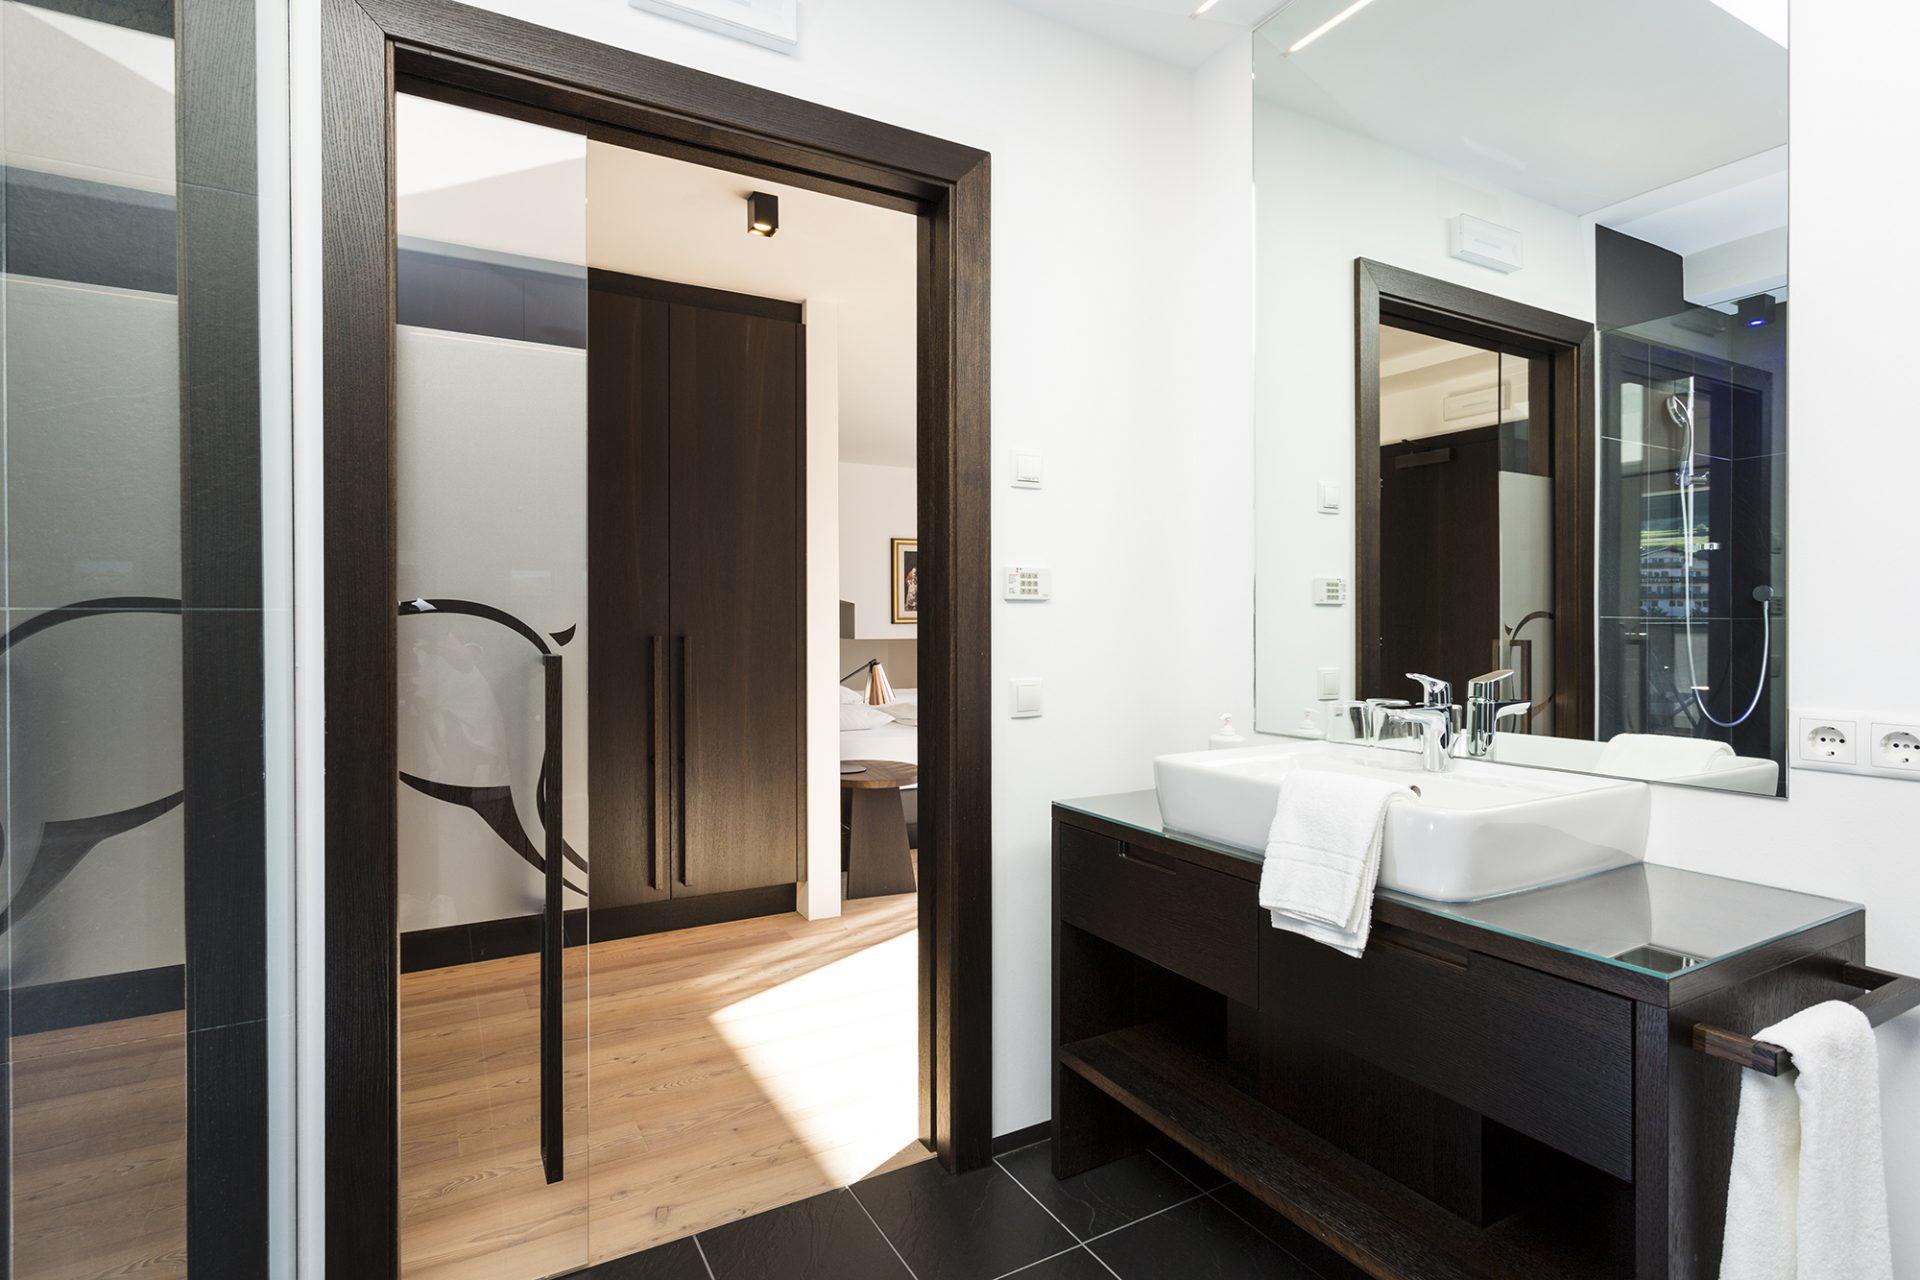 mayr-superiore camera-sala da bagno-bagno-lavandino